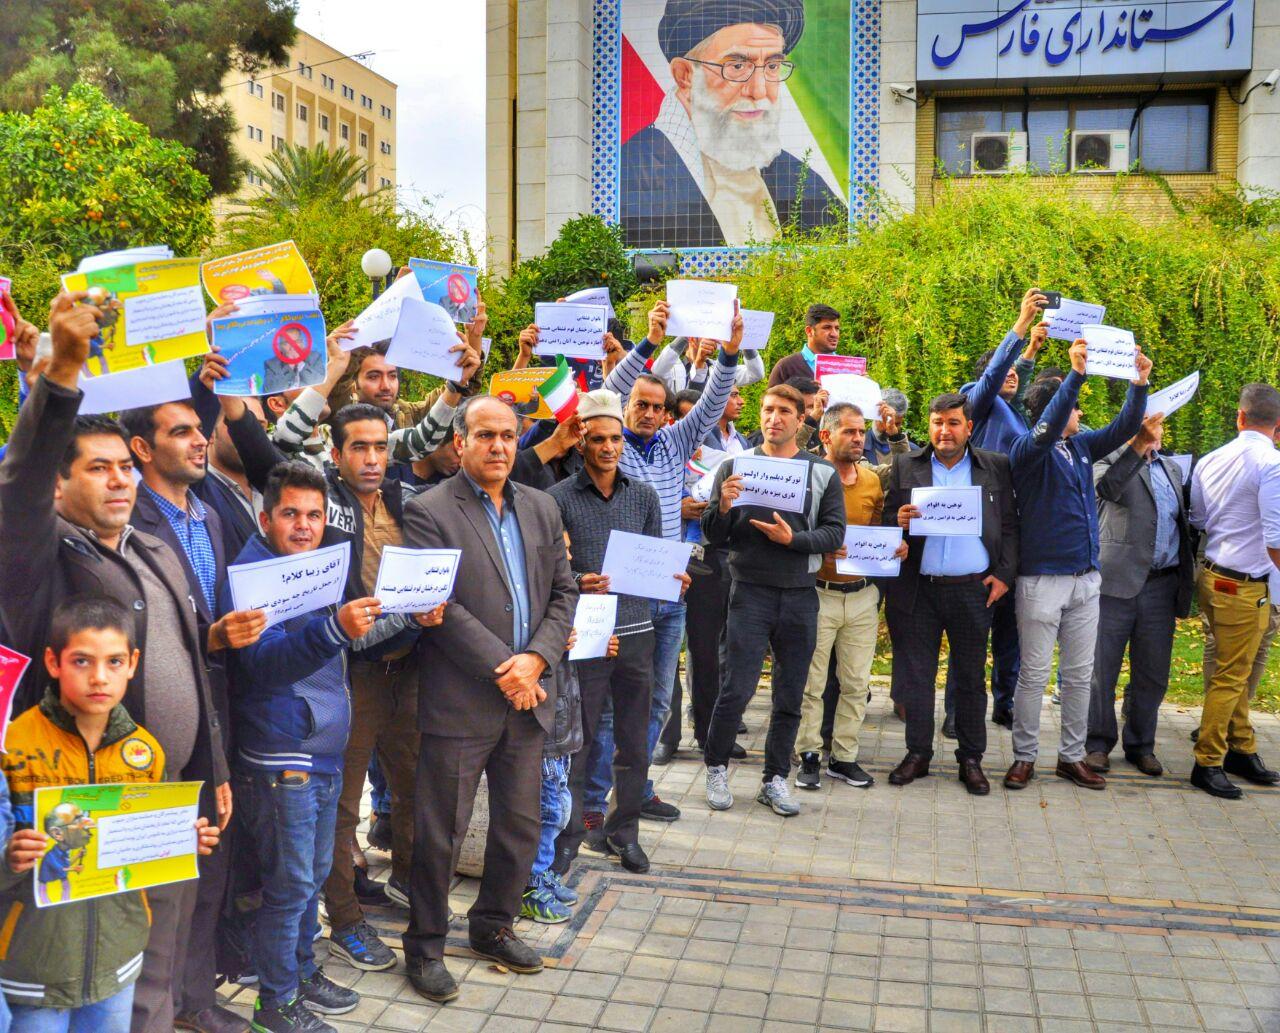 تجمع معترضین قشقایی نسبت به توهین زیبا کلام به زنان قشقایی در شیراز